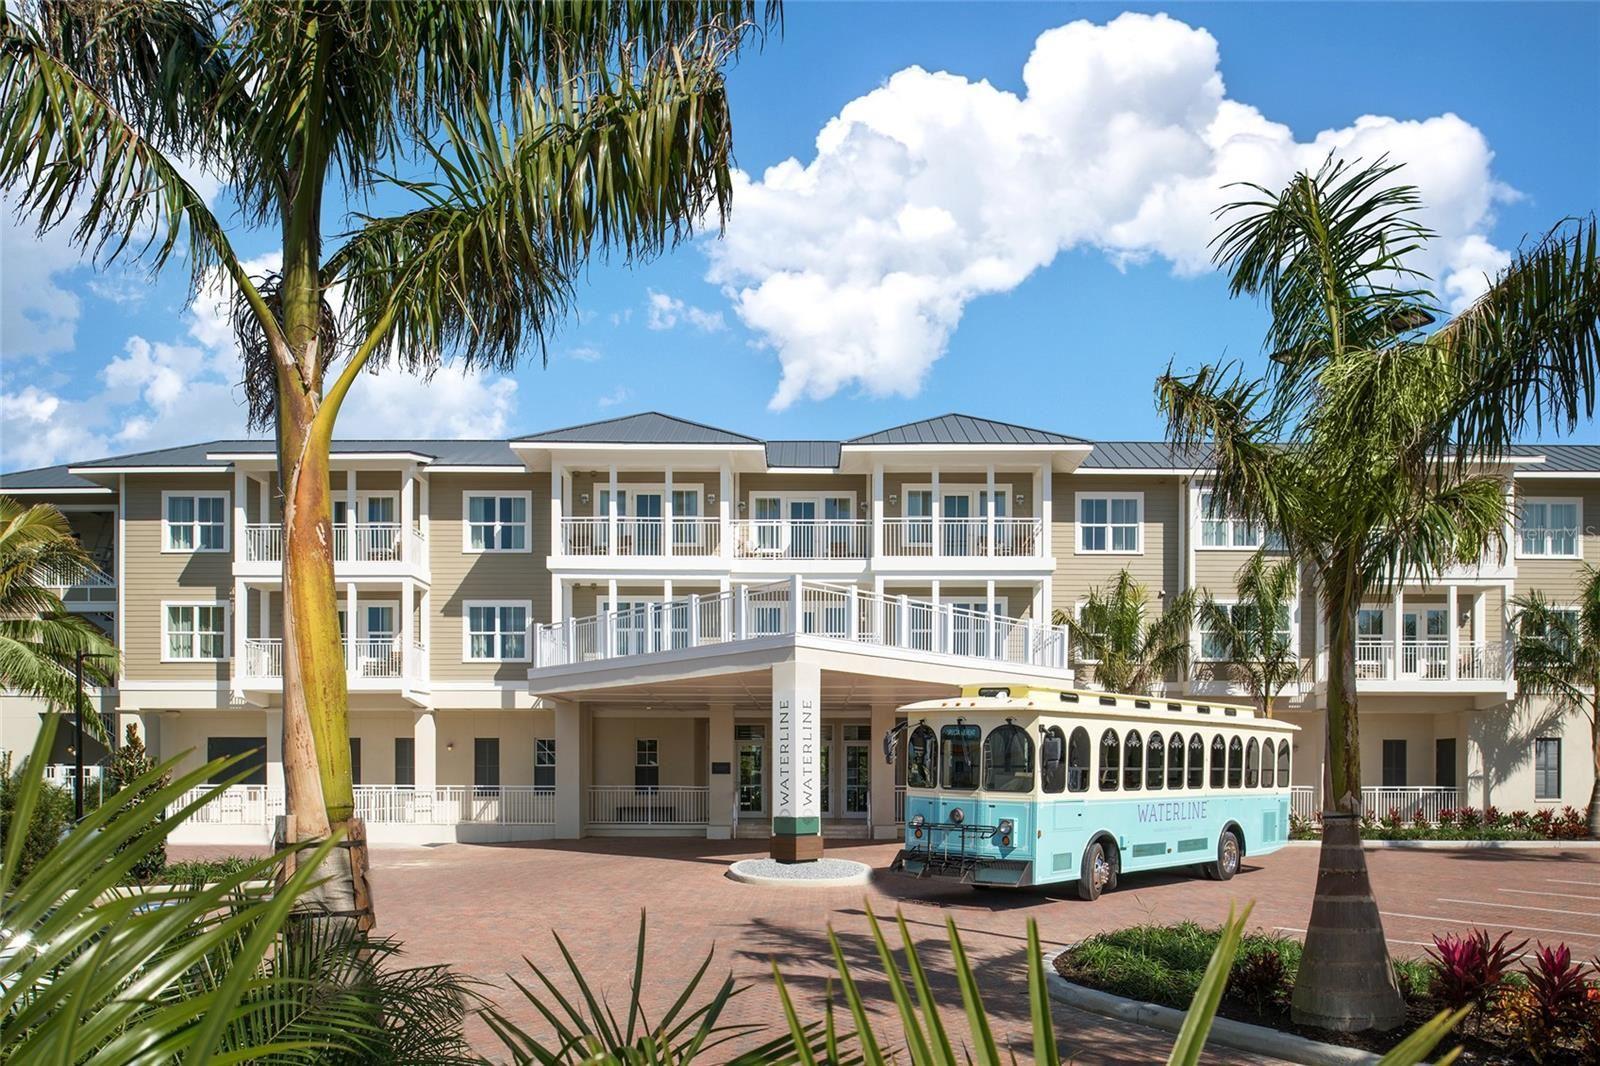 Photo for 5325 MARINA DRIVE #431, HOLMES BEACH, FL 34217 (MLS # A4506648)